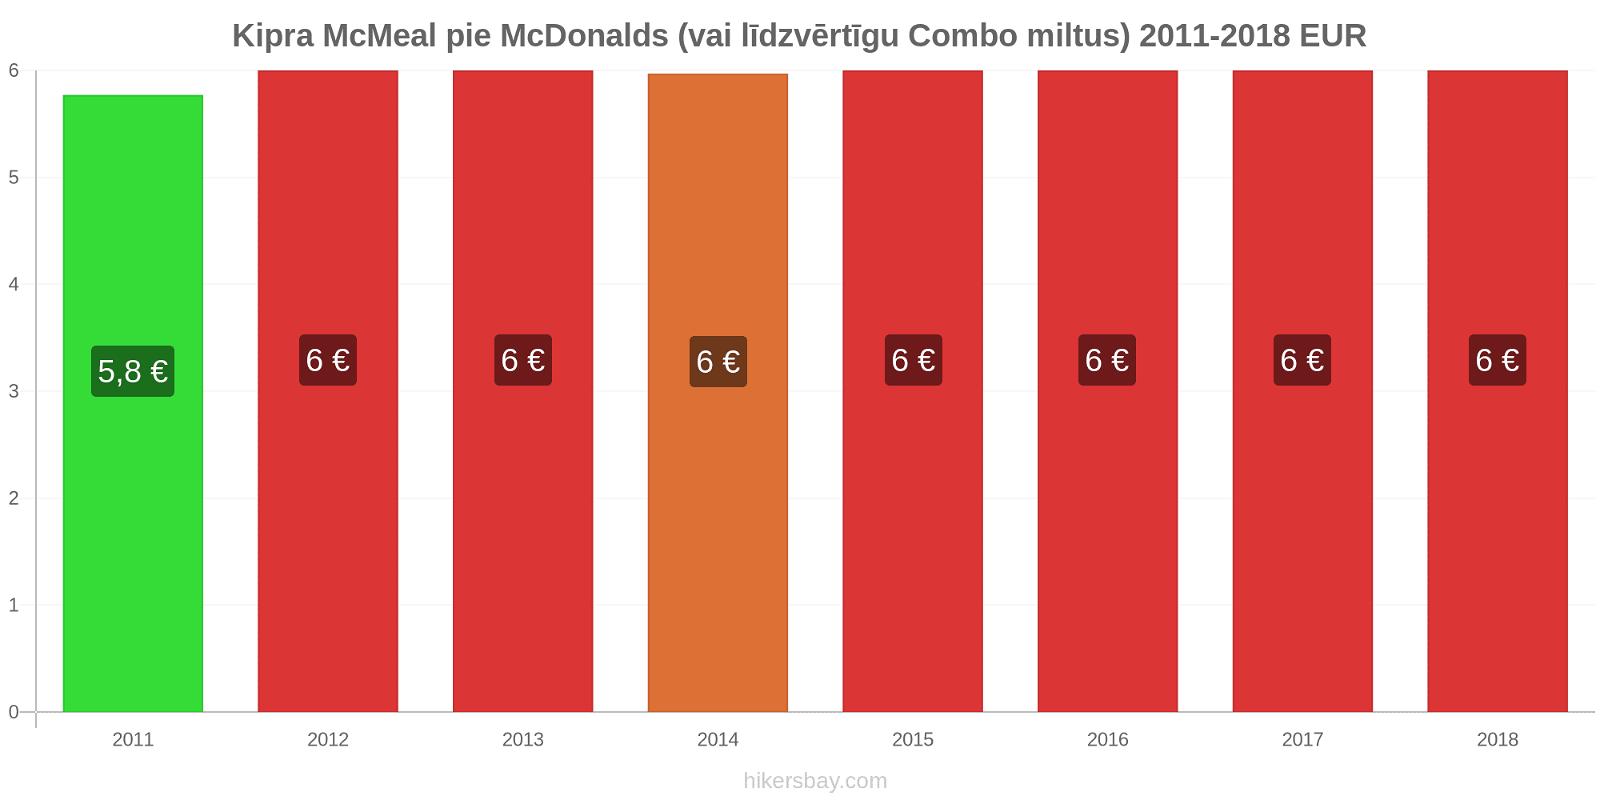 Kipra cenu izmaiņas McMeal pie McDonalds (vai līdzvērtīgu Combo miltus) hikersbay.com